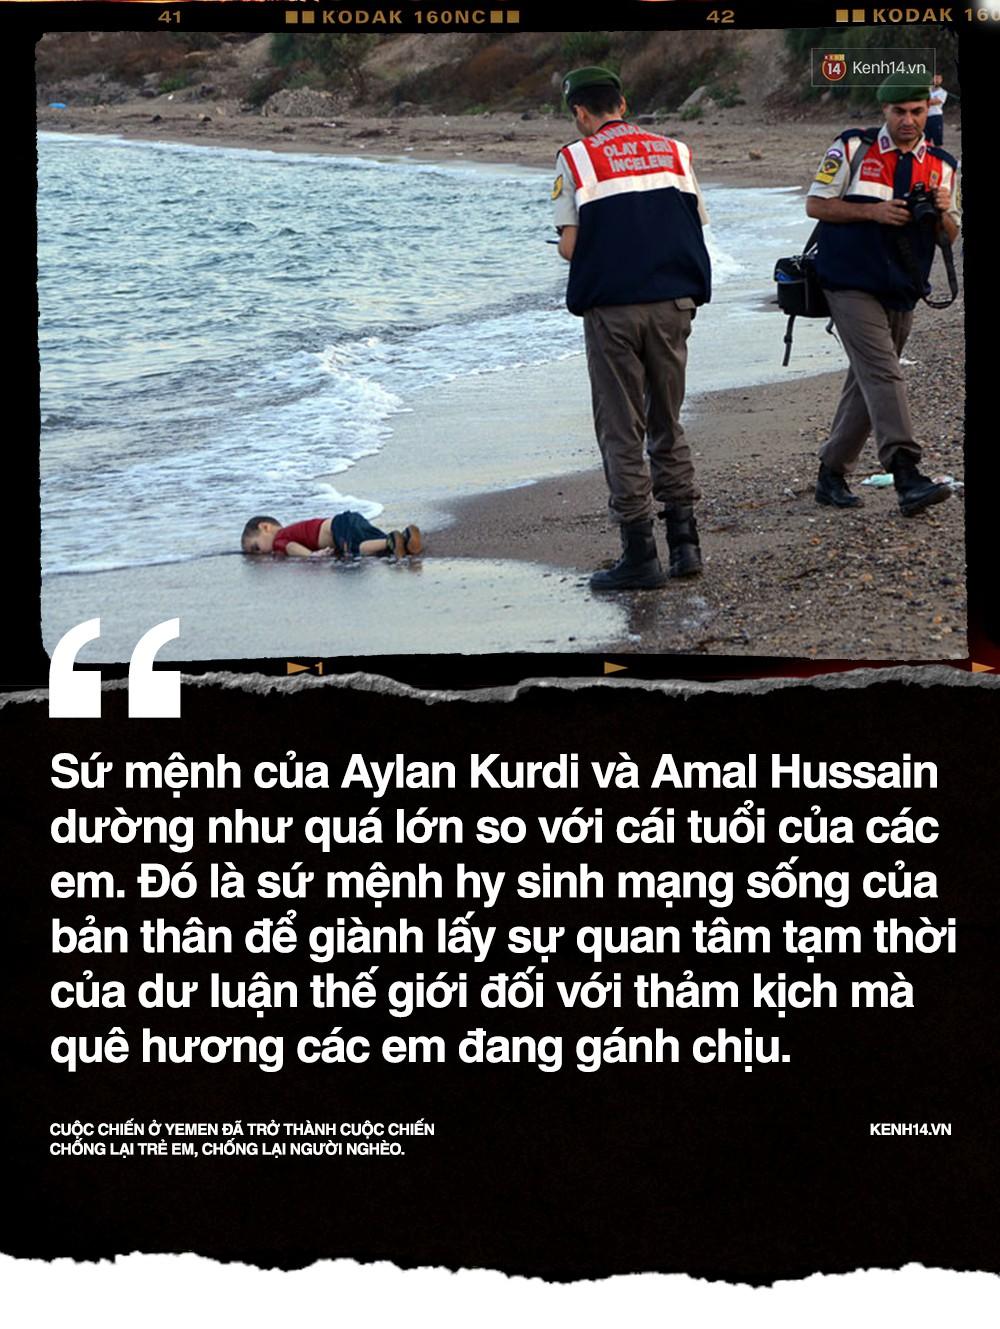 Amal Hussain: Biểu tượng nạn đói Yemen và sứ mệnh hy sinh cho cả dân tộc trên vai những đứa trẻ - Ảnh 4.